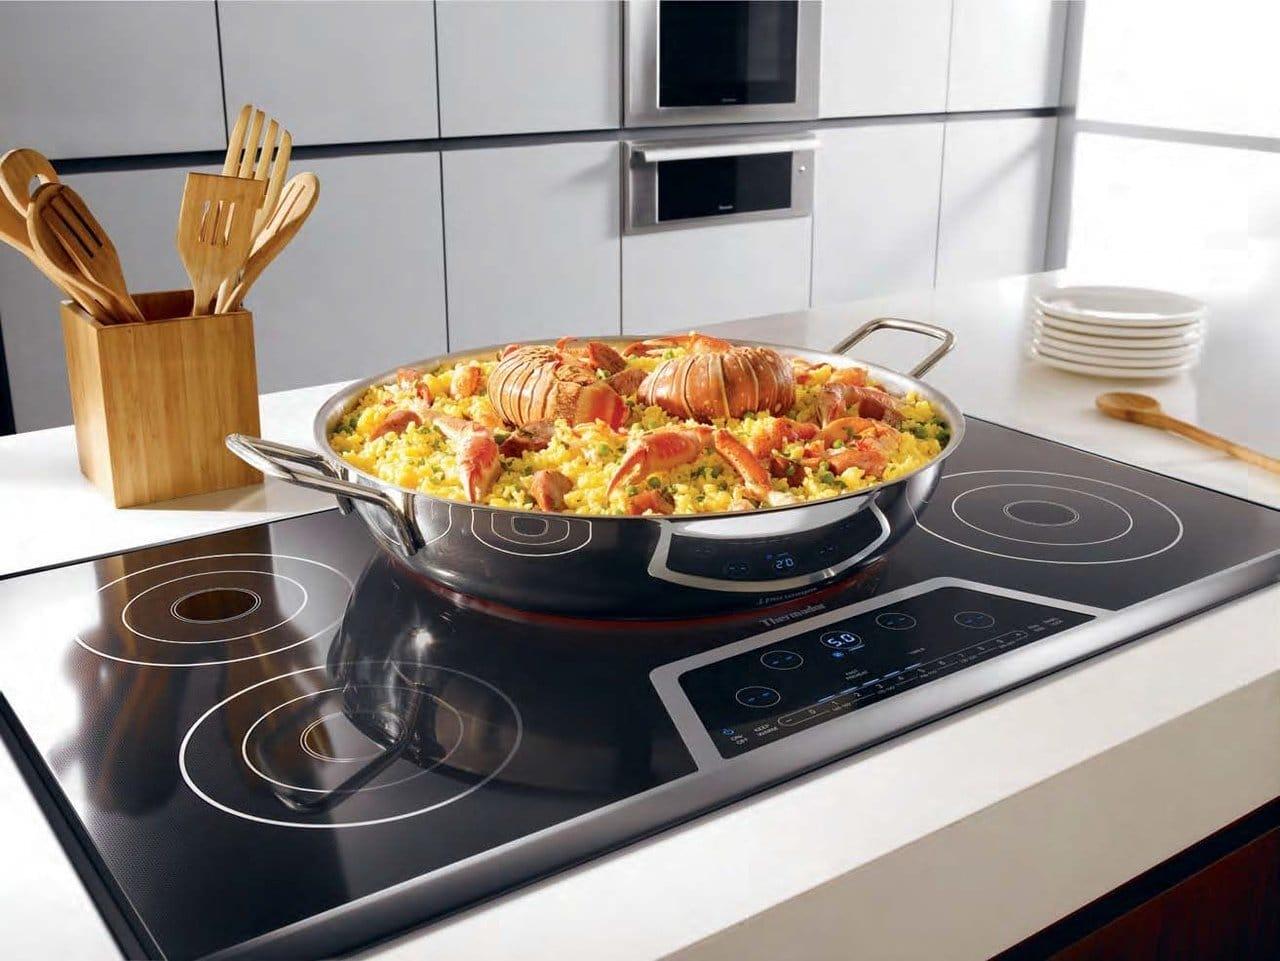 Який посуд підходить для склокерамічних плит: який користуватися, чи можна ставити на керамічну поверхні склокераміки